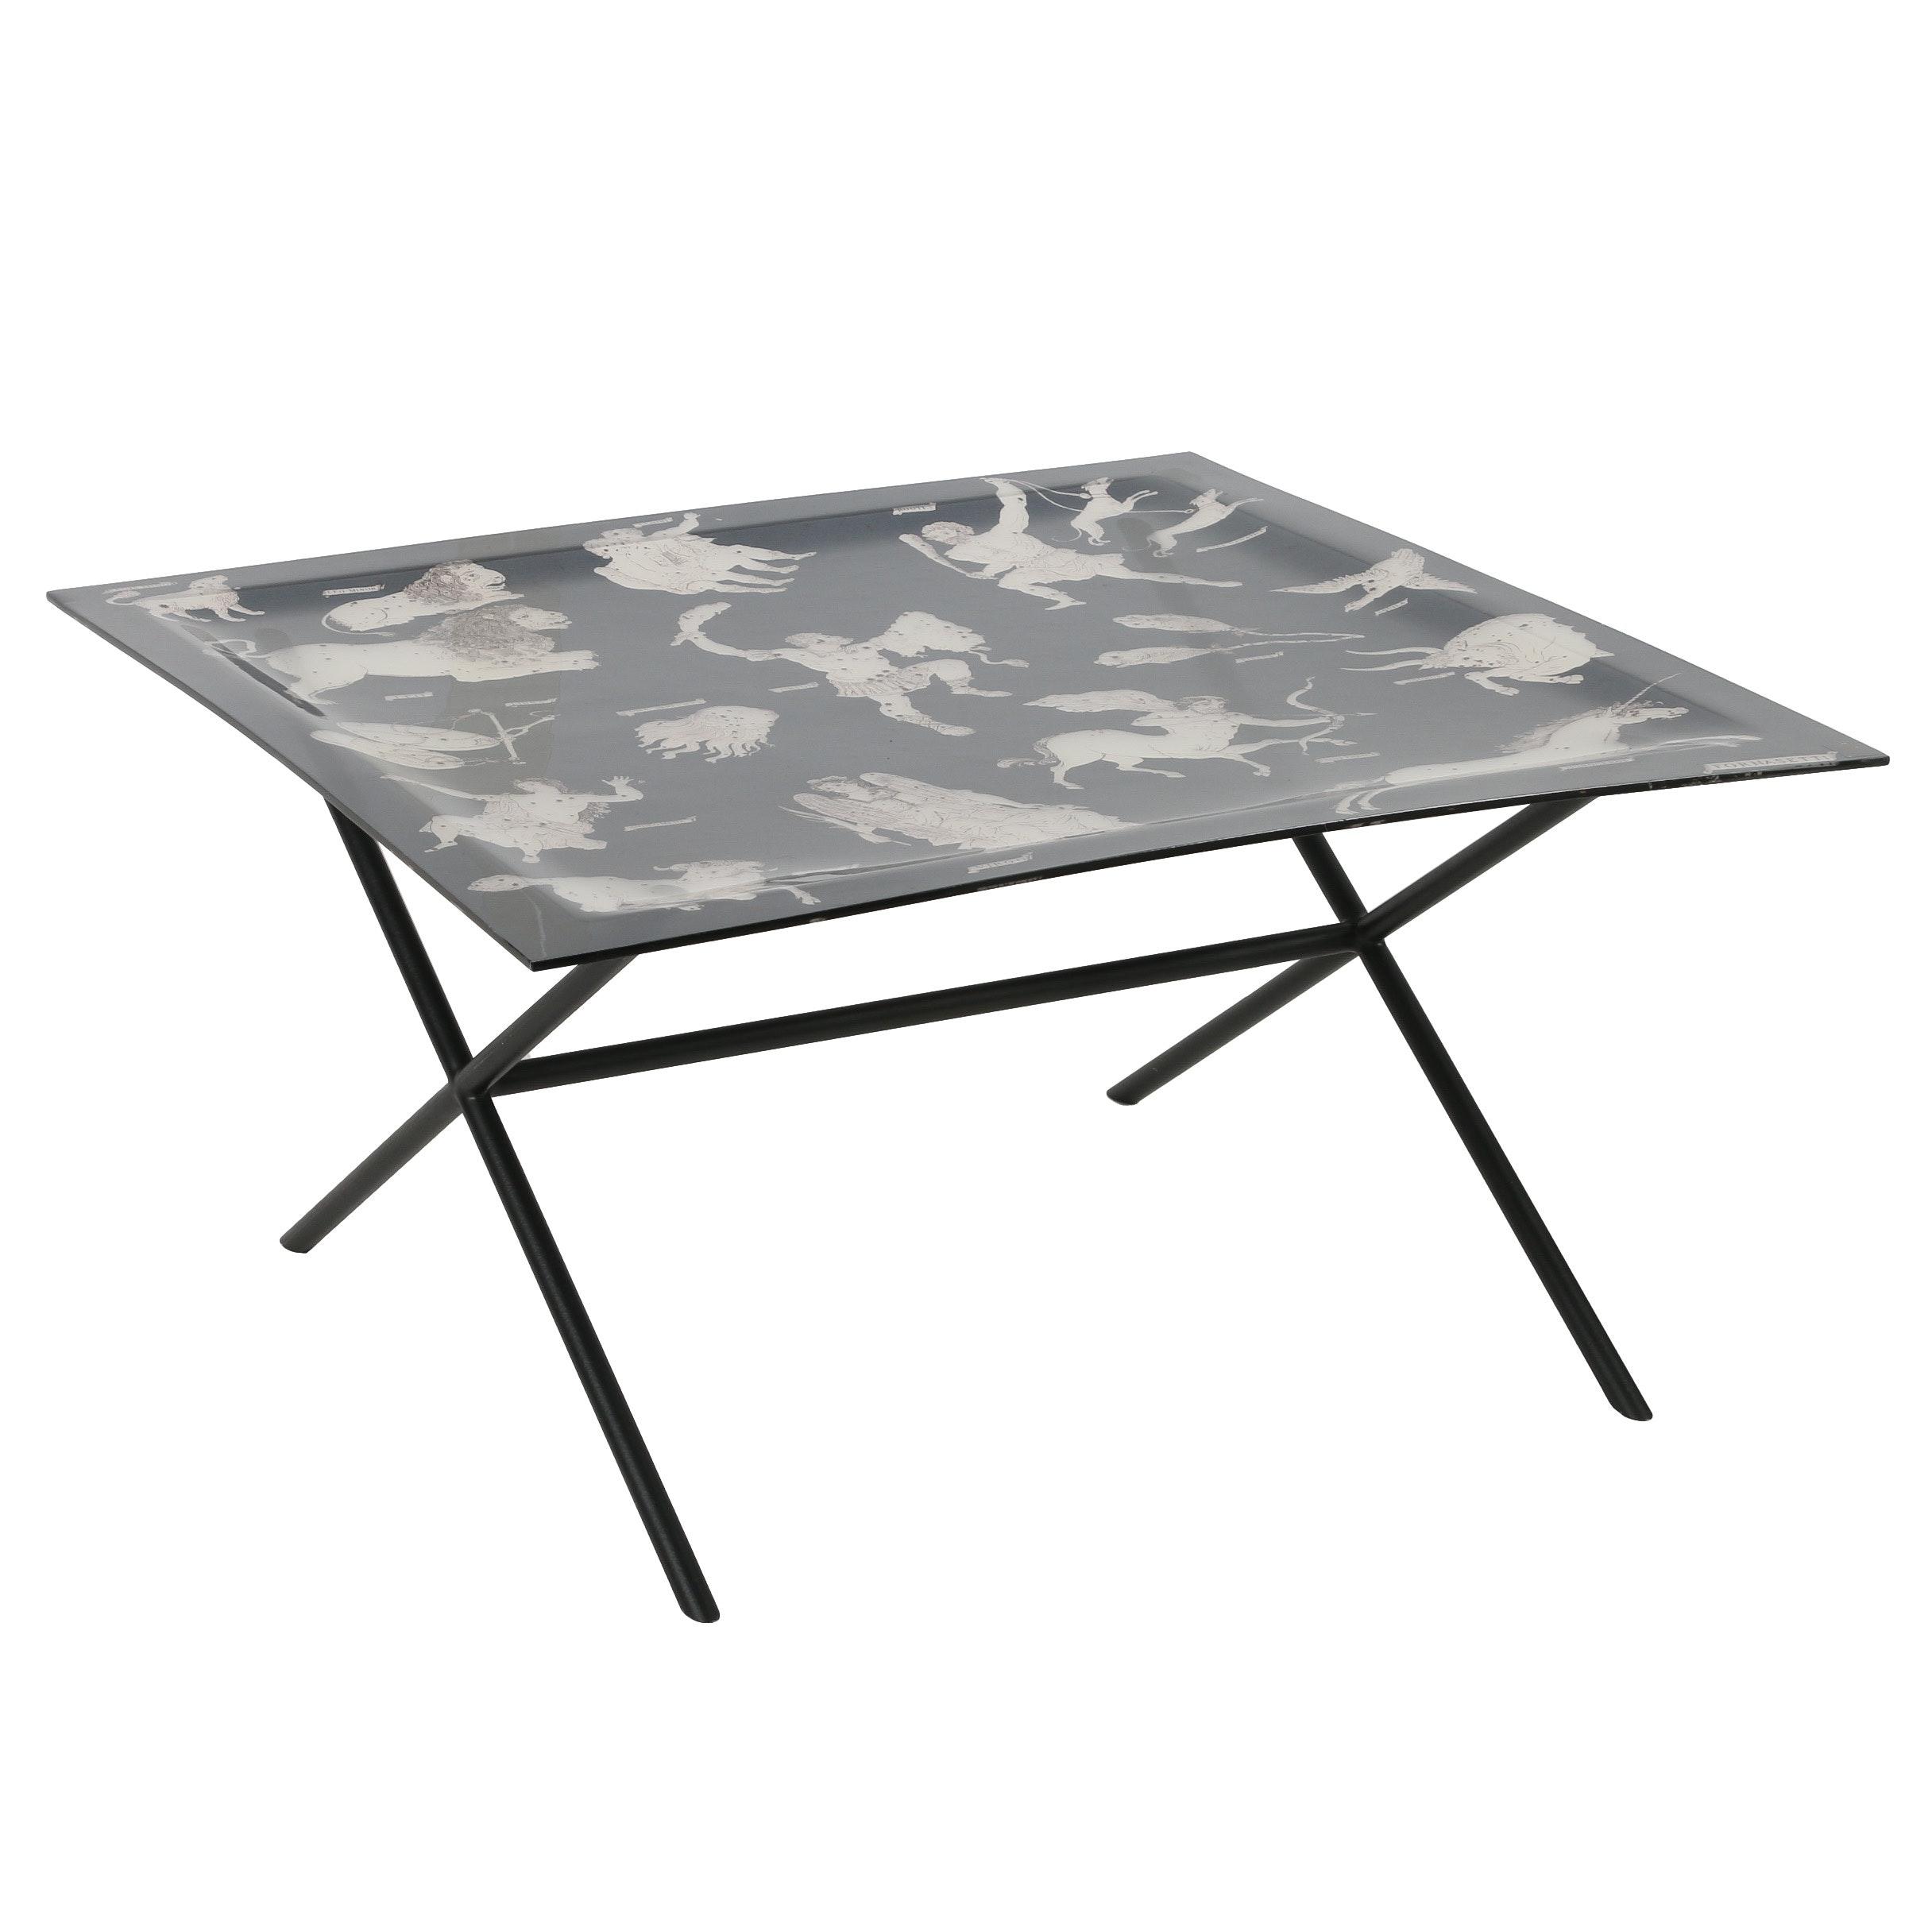 Barnaba Fornasetti Tray Table